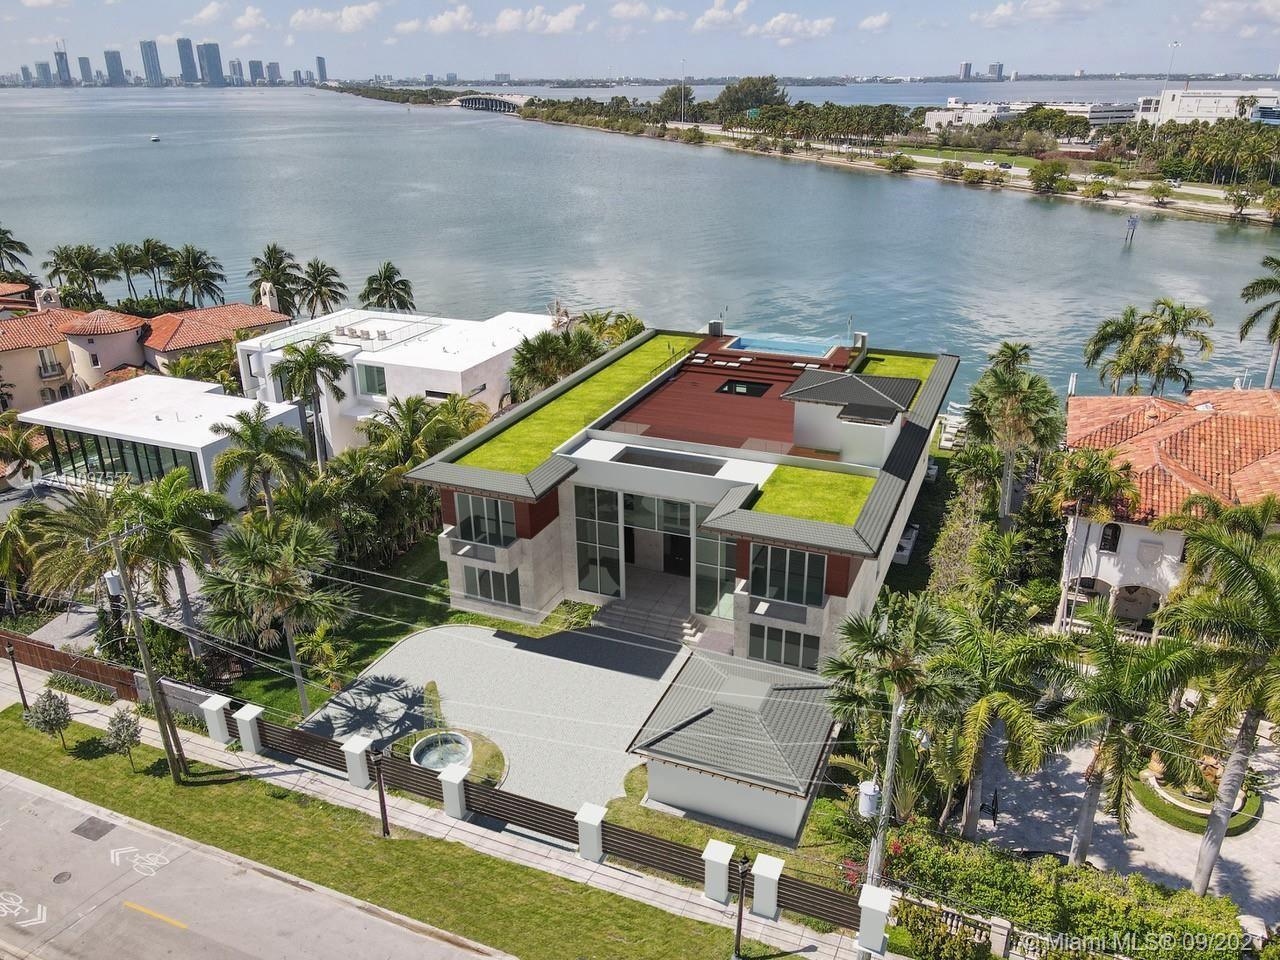 3100 N Bay Rd, Miami Beach, FL 33140 - #: A11097557